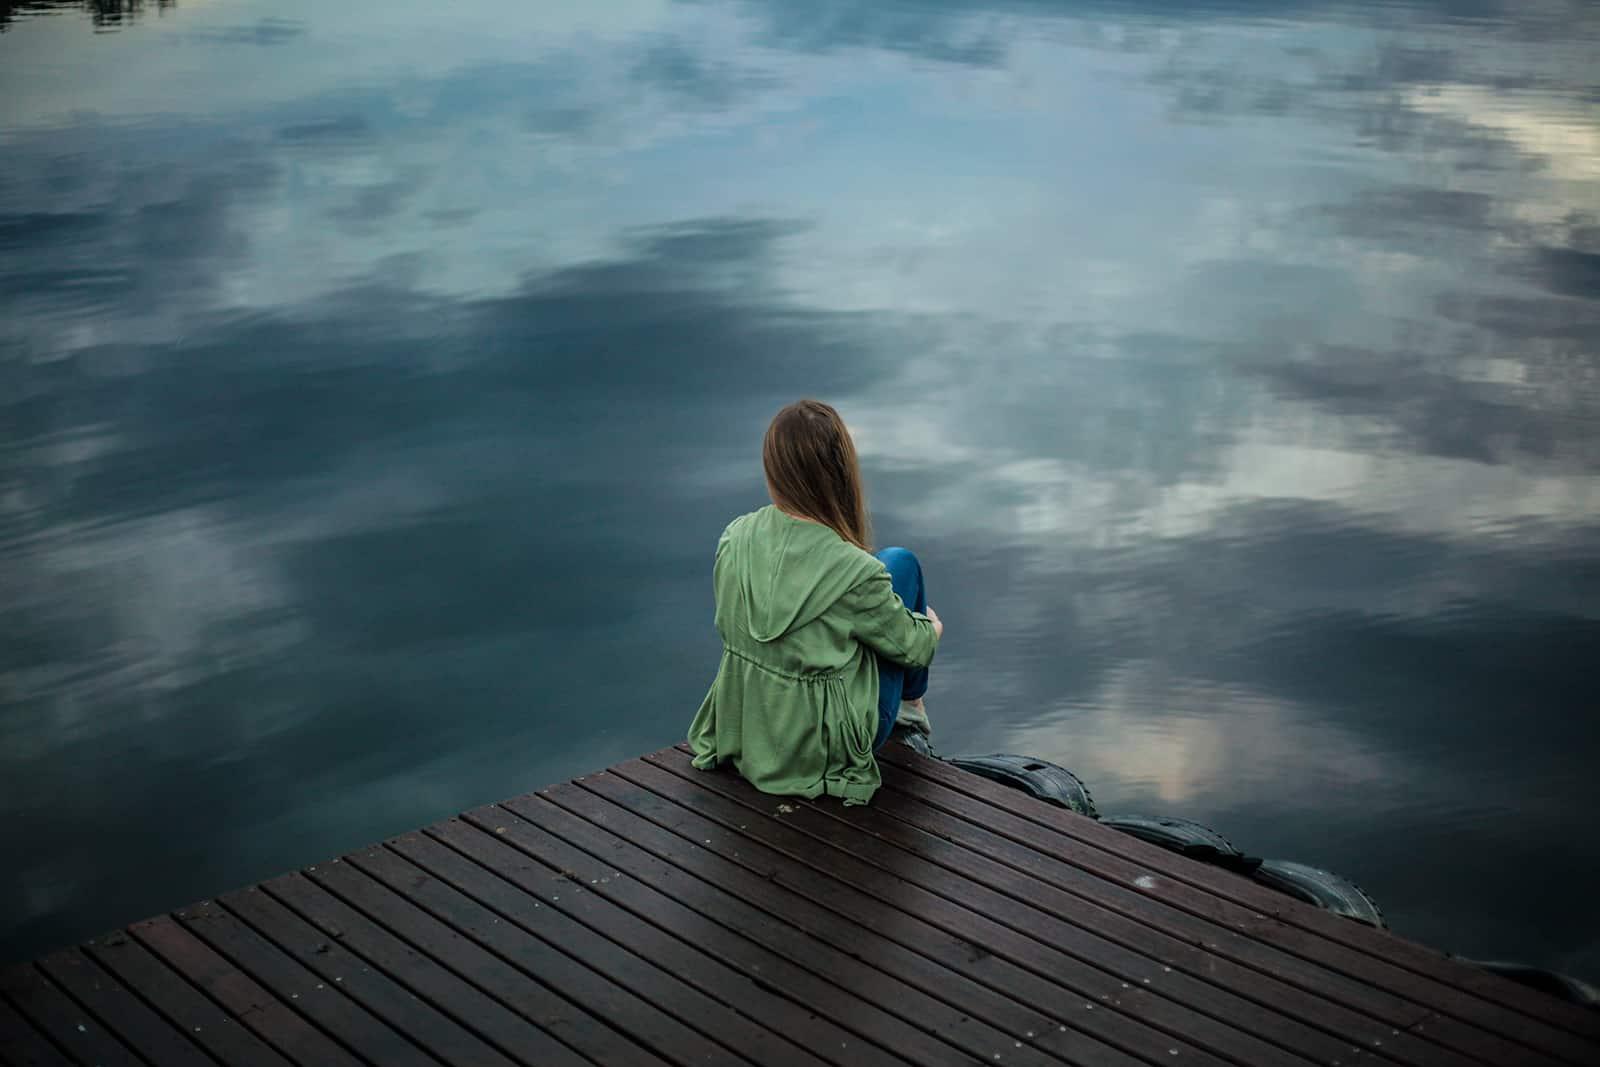 120+ Depression-Sprüche, Die Dir Helfen, Diesen Zustand Besser Zu Verstehen